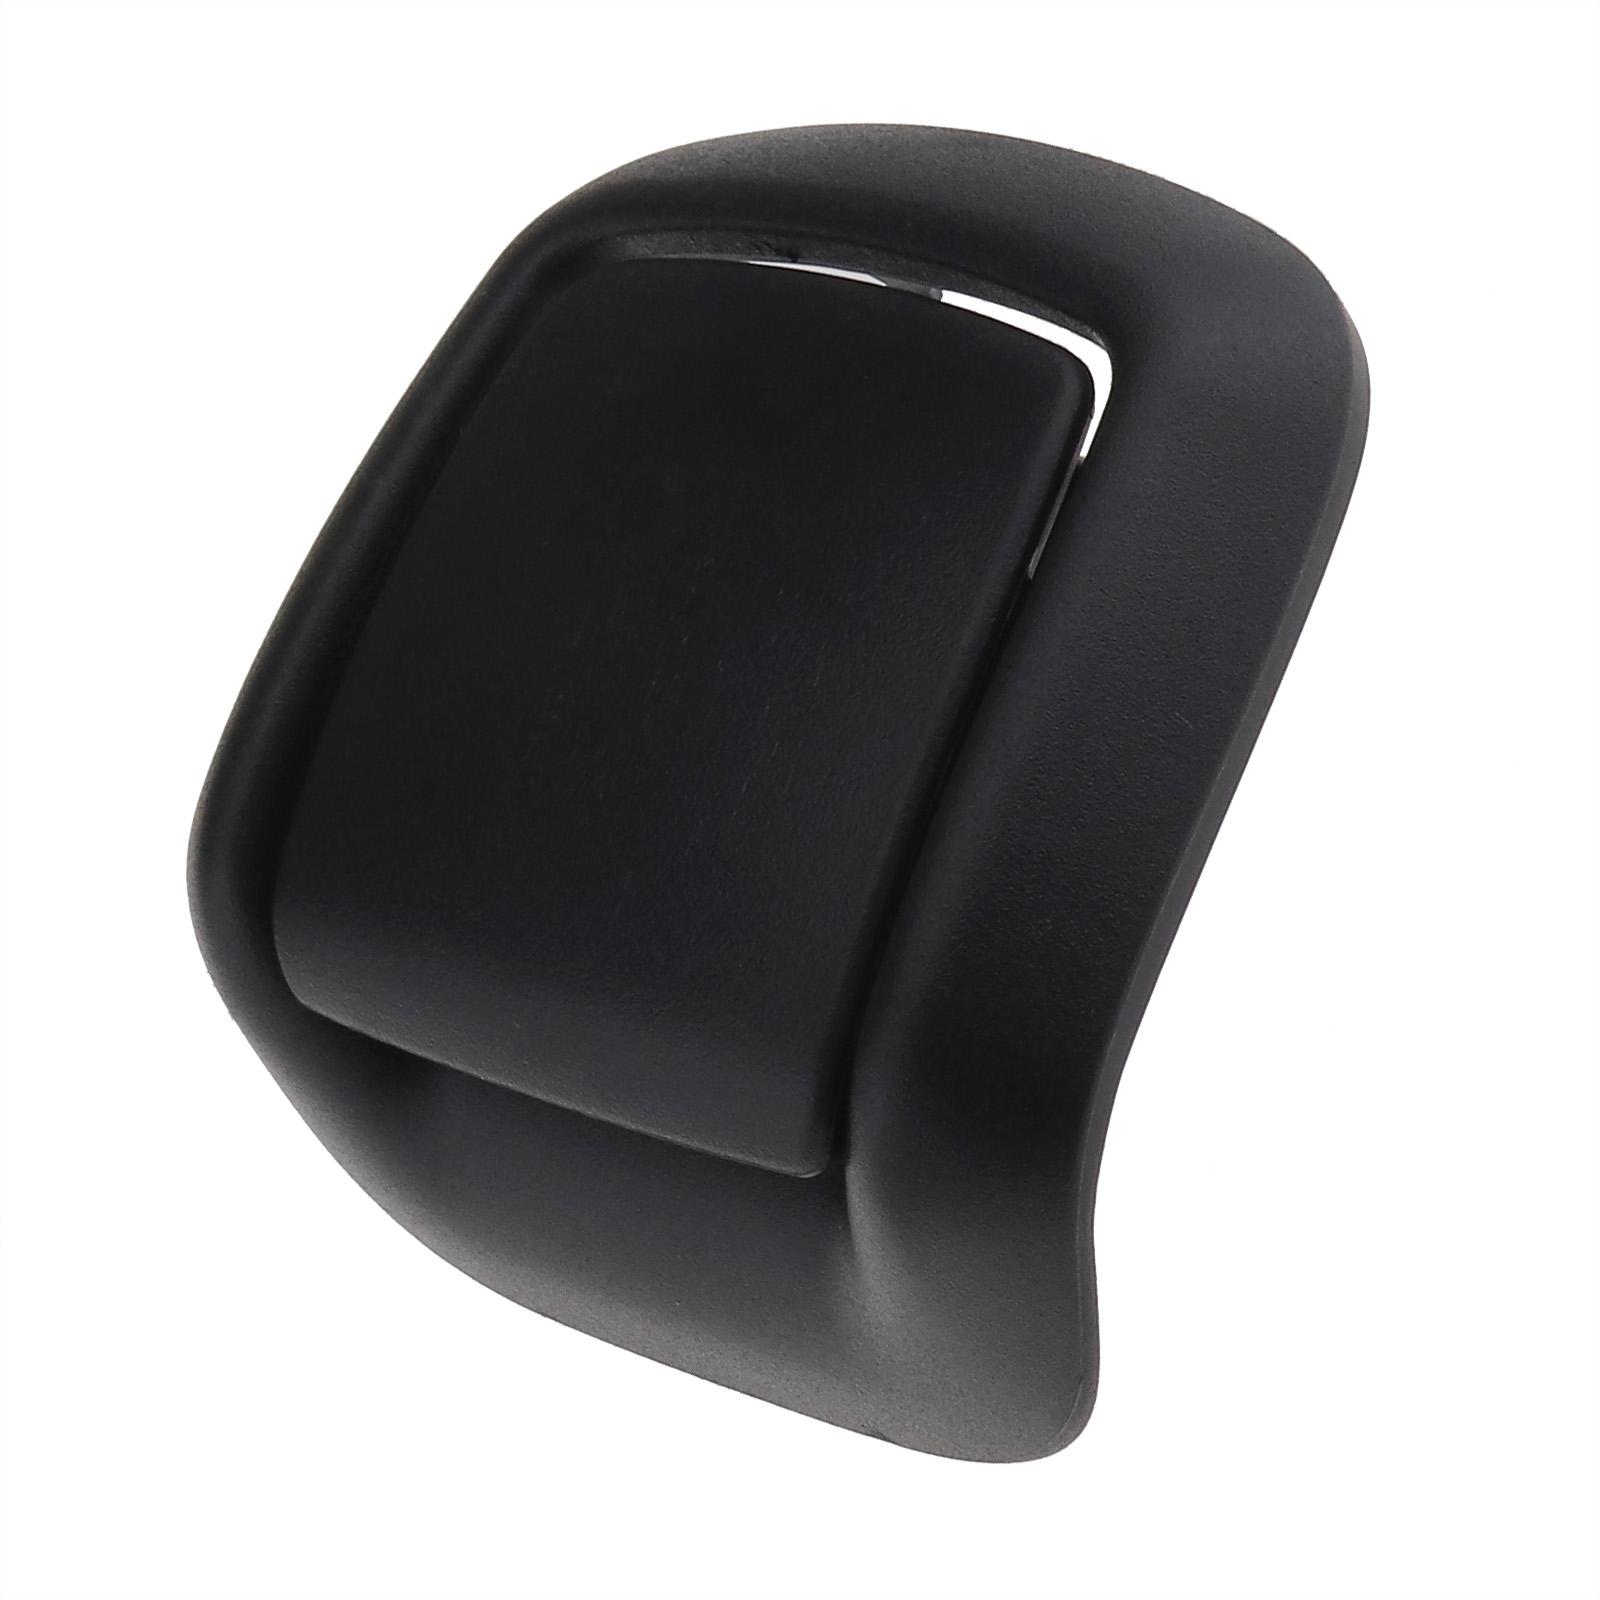 1x griff sitz sitzhebel itzs sitzverstellung entriegelung. Black Bedroom Furniture Sets. Home Design Ideas